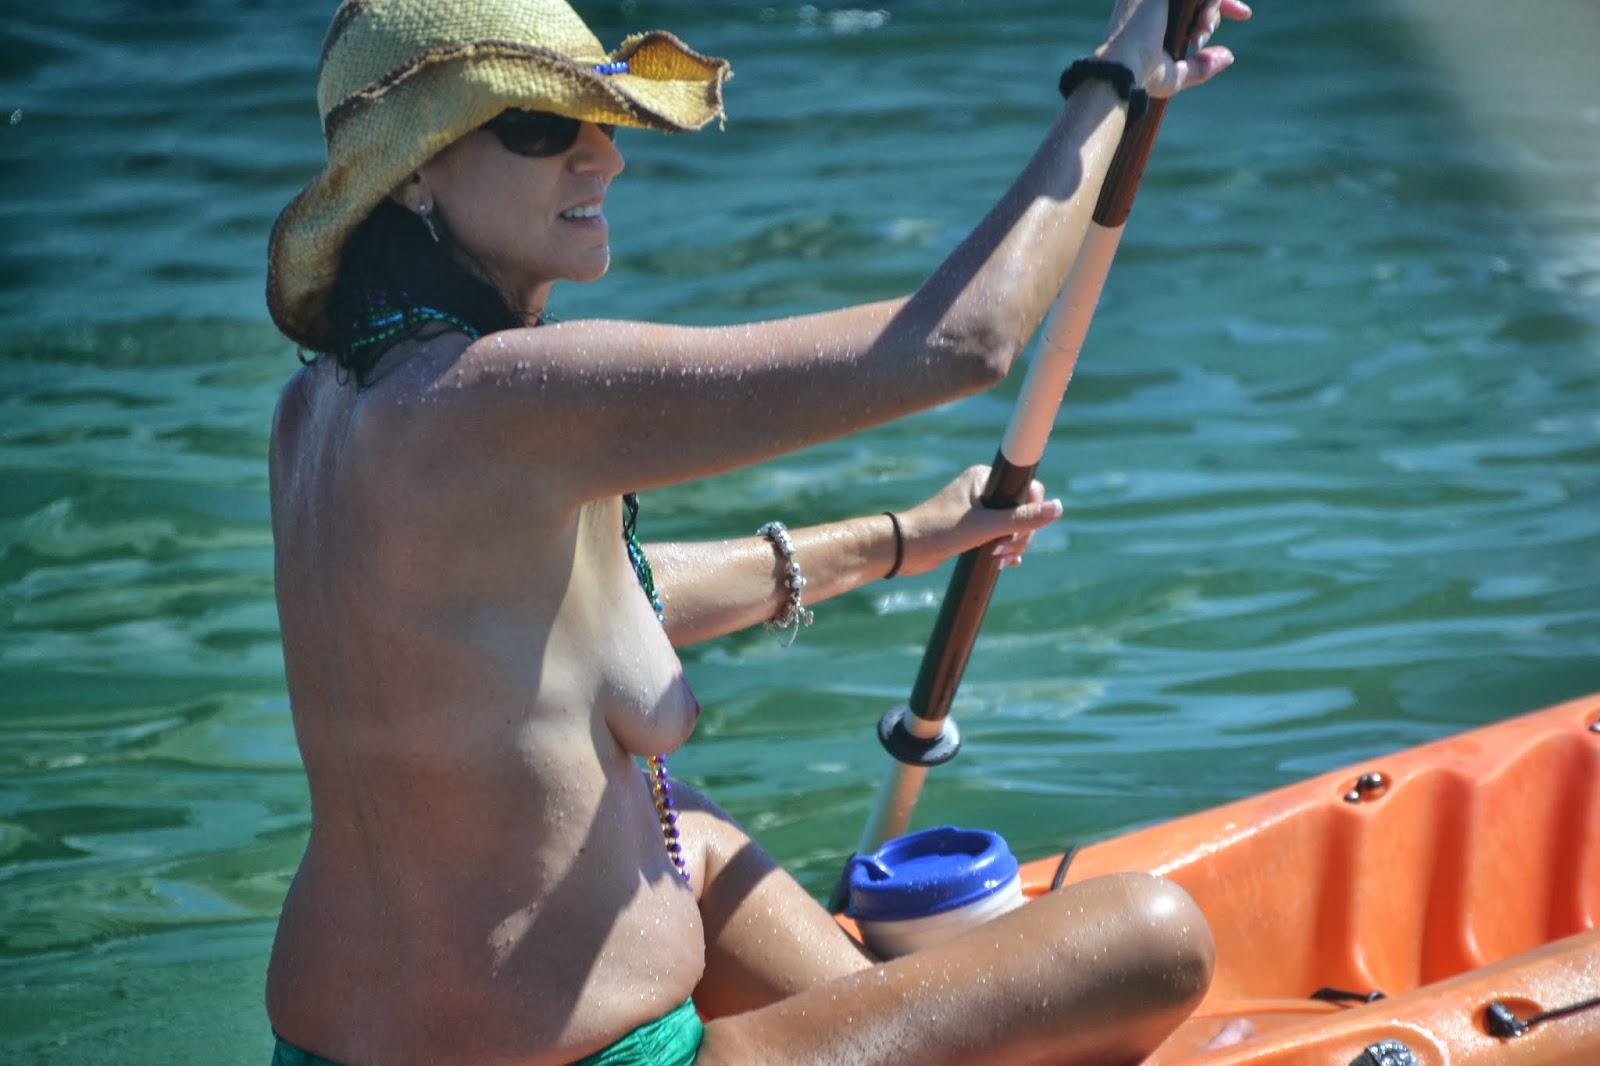 regatta miami naked Columbus day